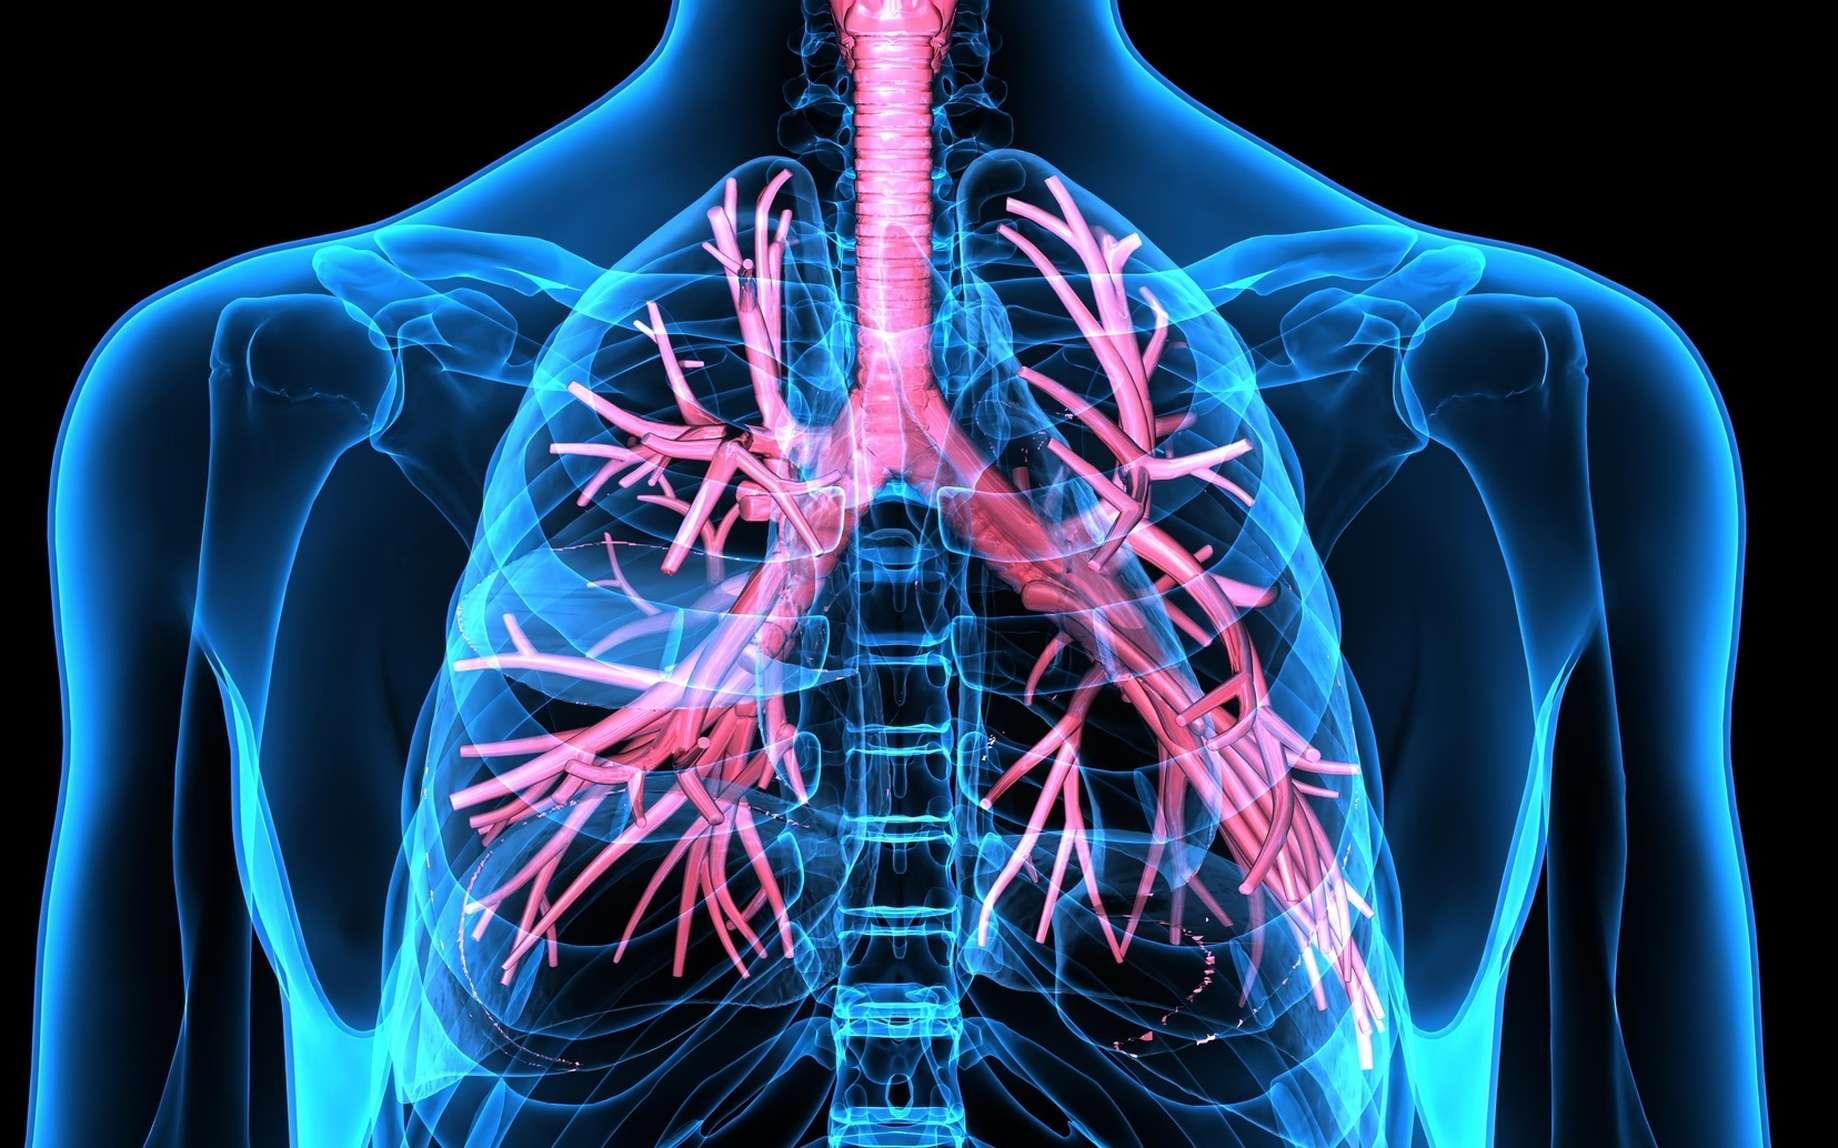 Les poumons n'ont pas qu'un rôle respiratoire : leurs vaisseaux seraient le site d'une importante production de plaquettes sanguines. © PIC4U, Fotolia